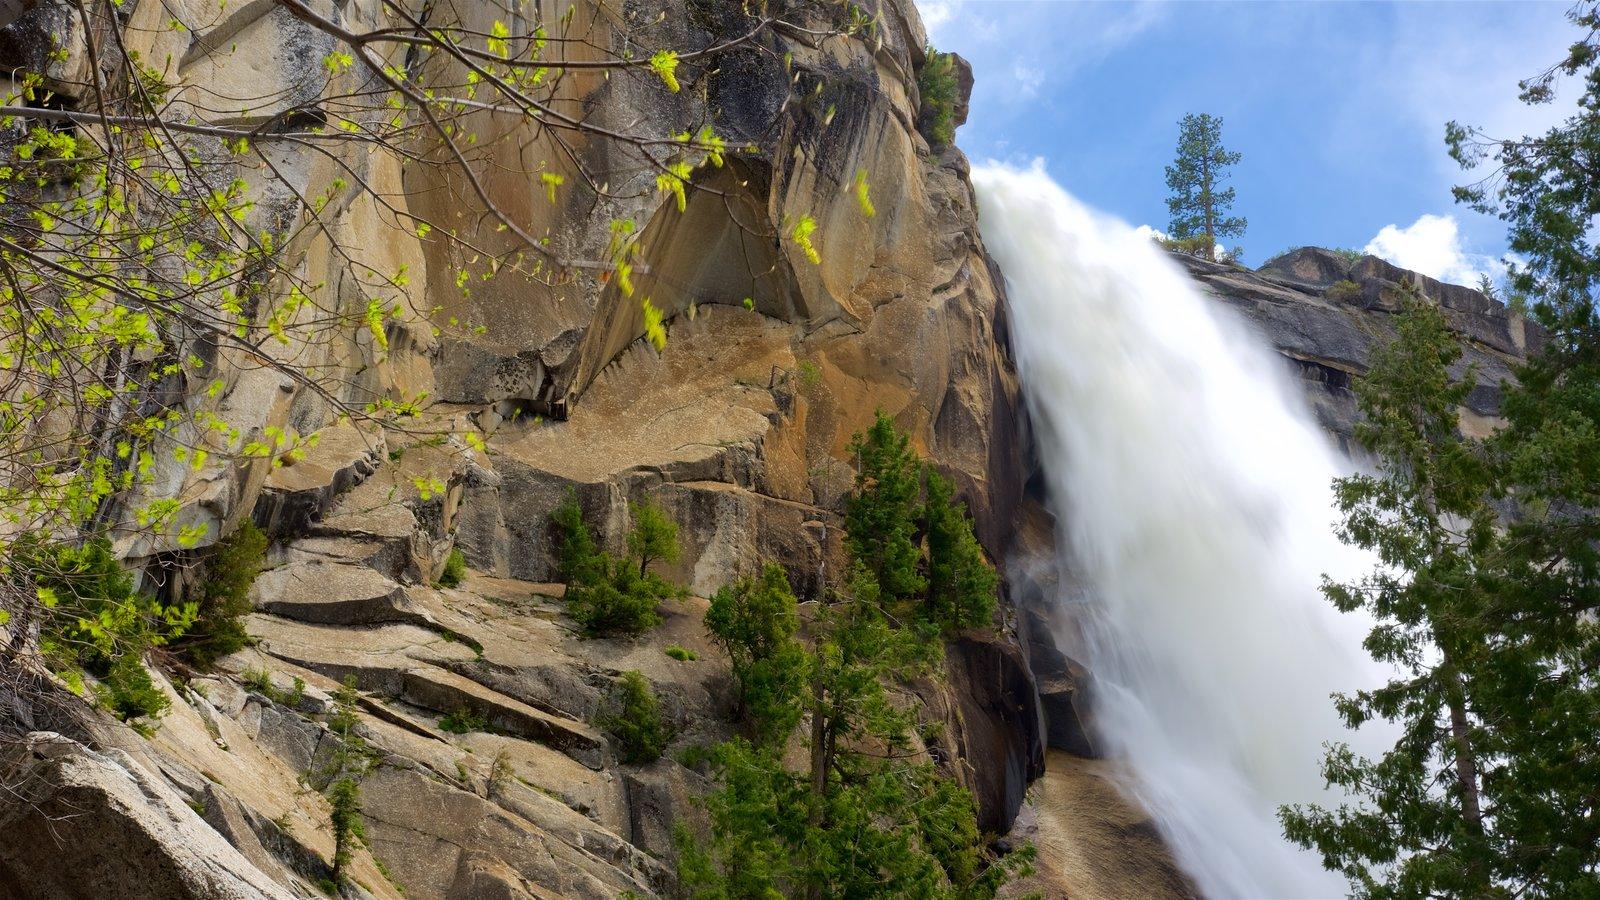 Nevada Falls mostrando um desfiladeiro ou canyon e uma cascata